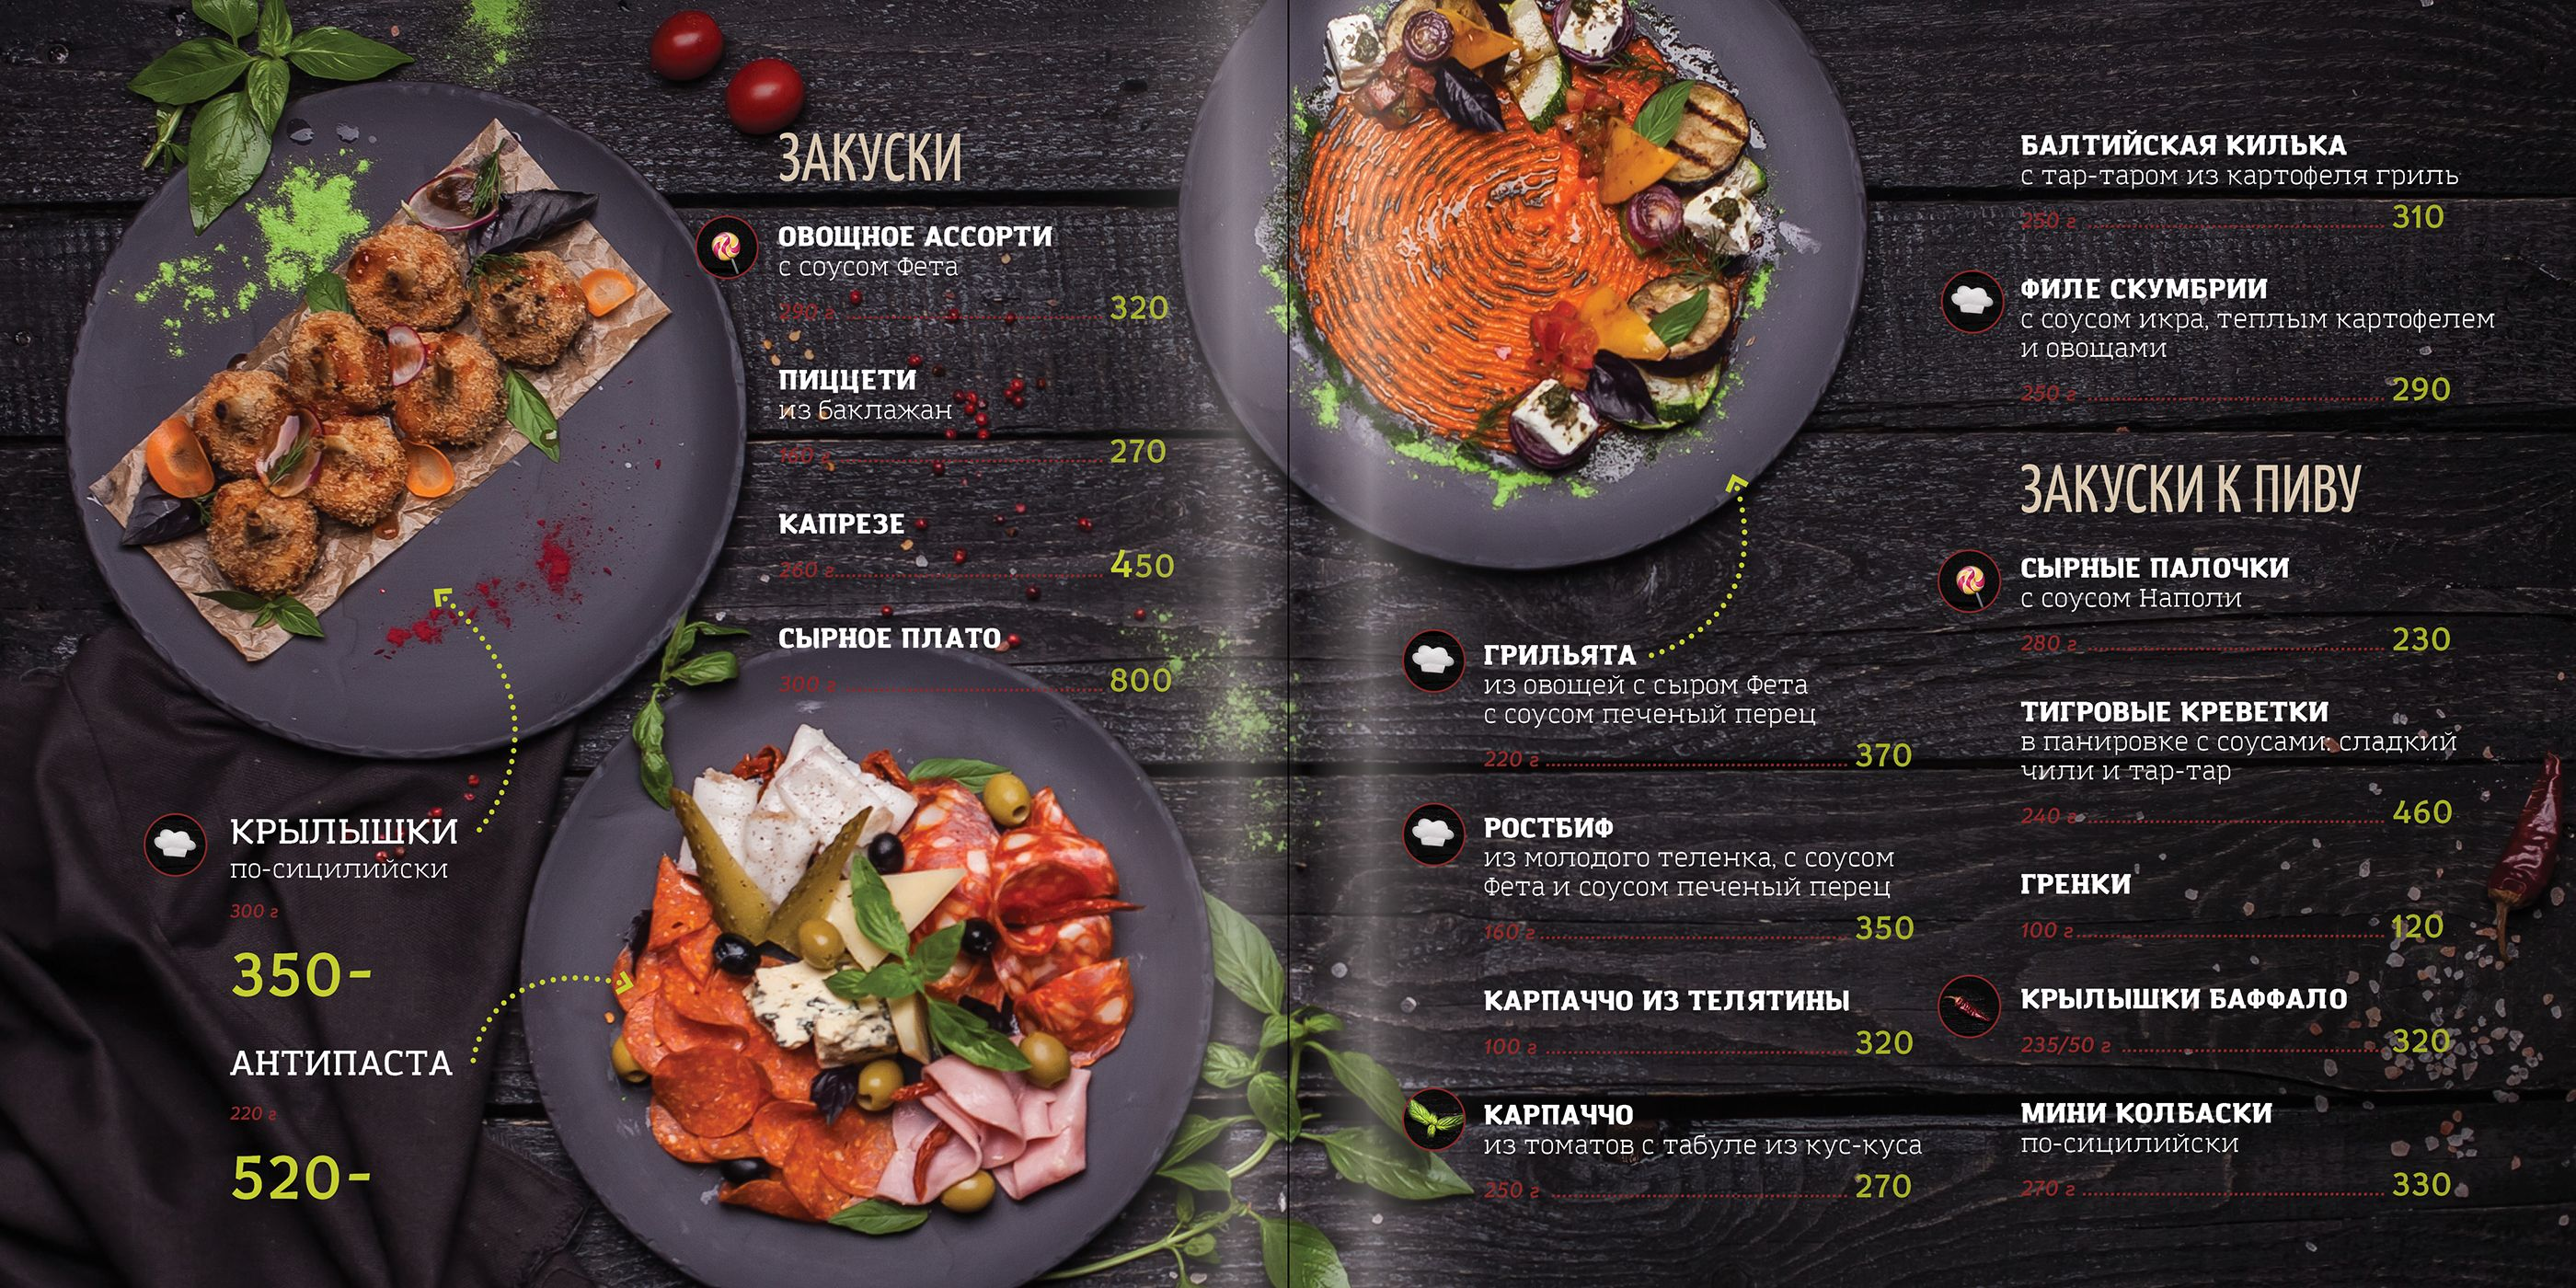 видели меню ресторанов в картинках в москве всей